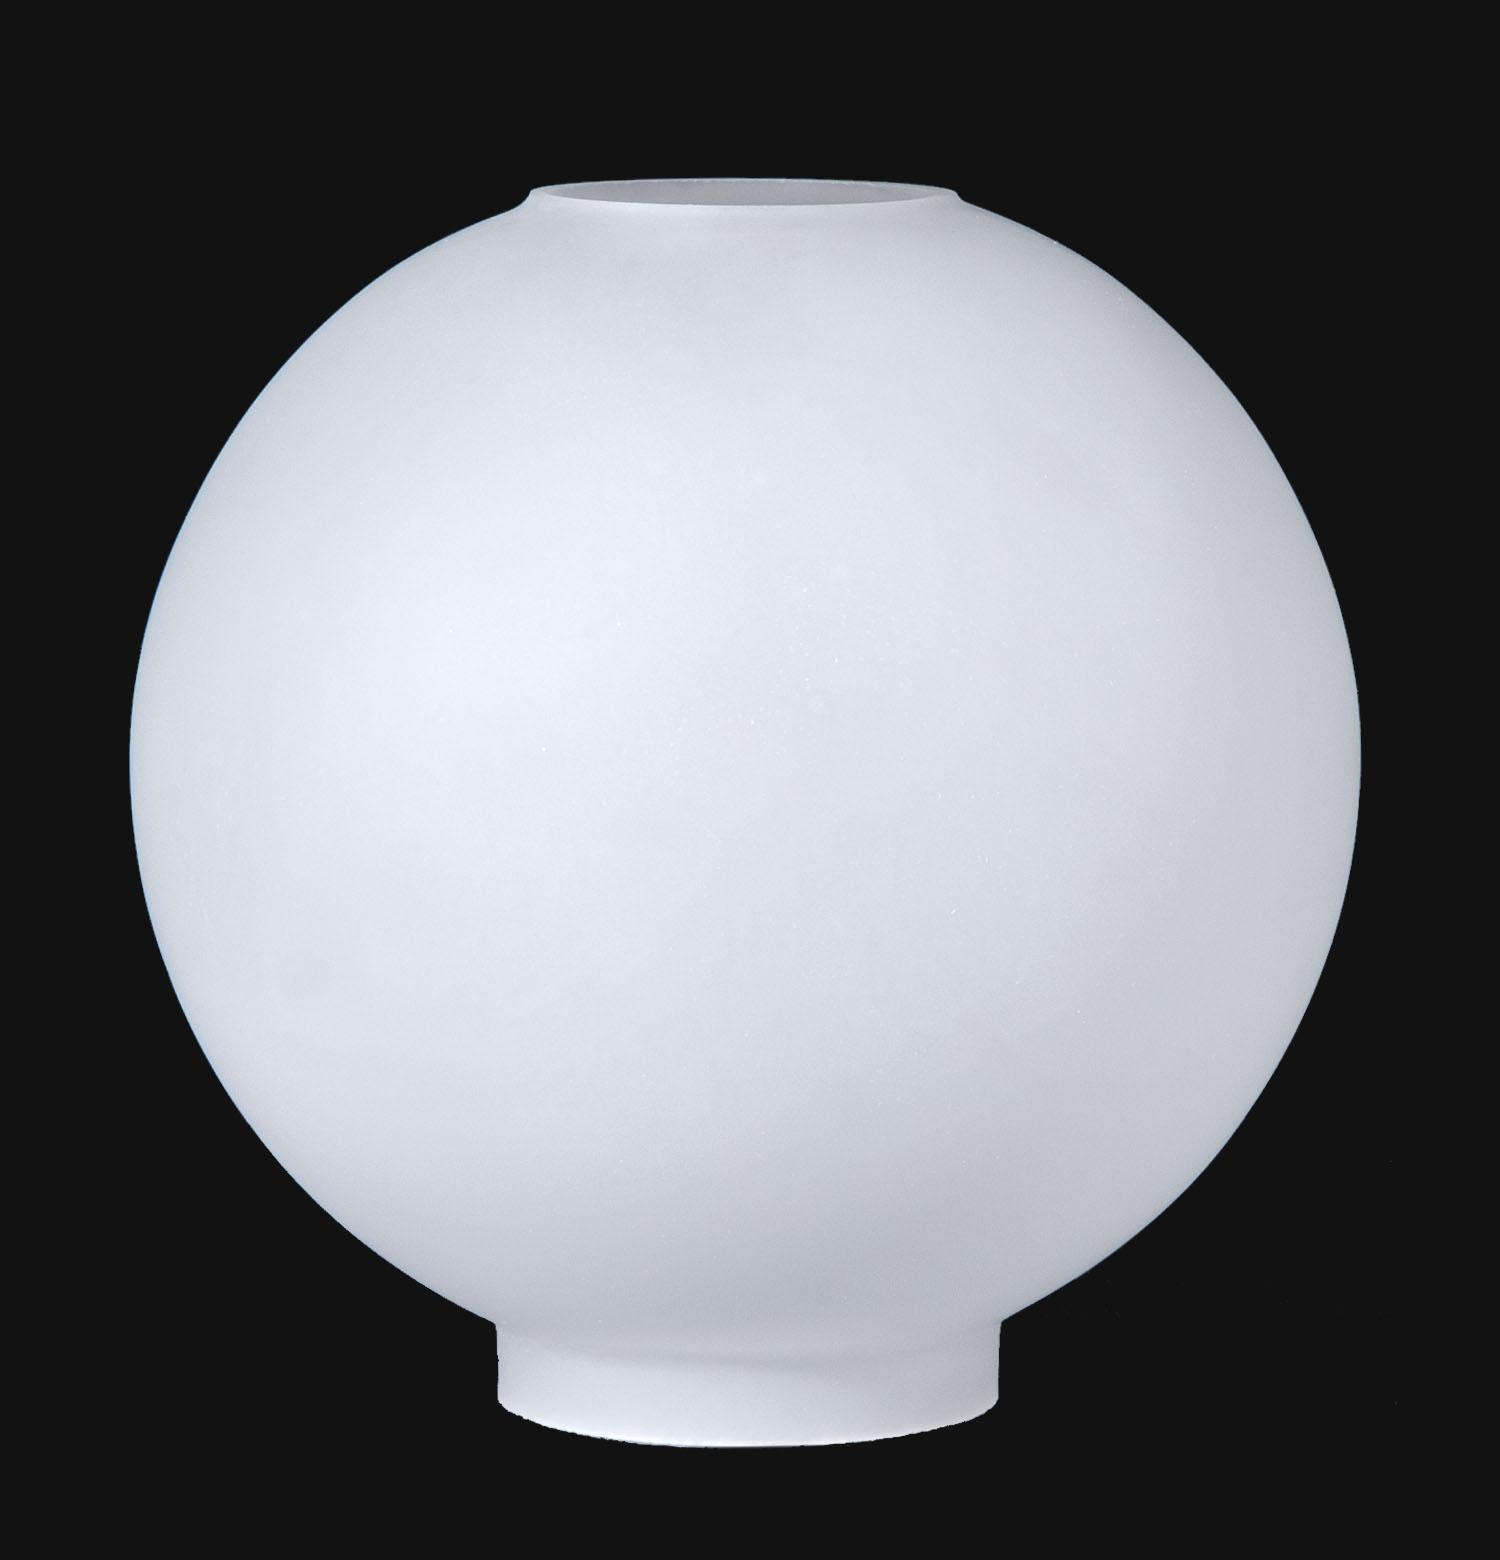 10 Usa Made Satin Crystal Ball Lamp Shade 05095 B Amp P Lamp